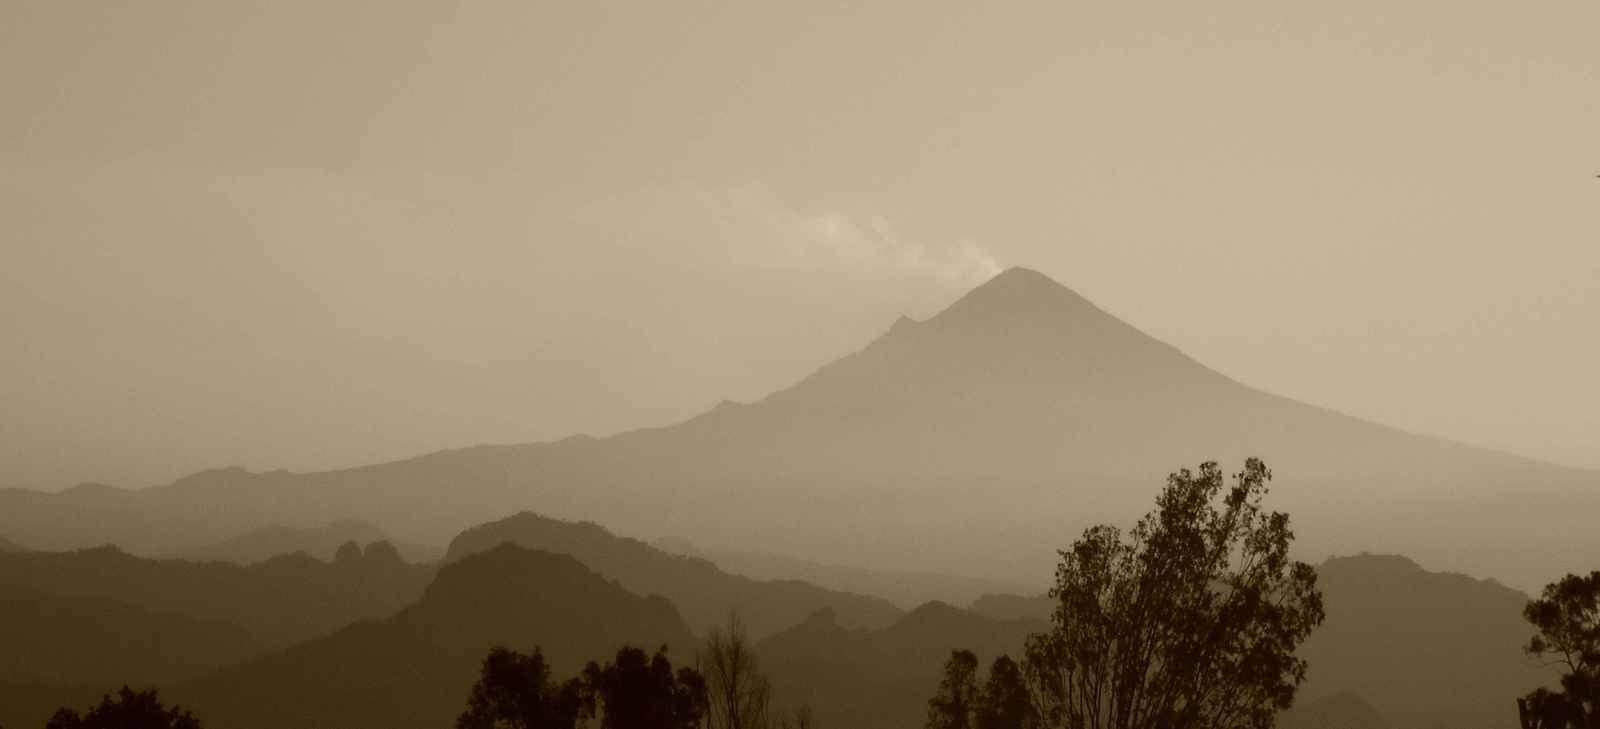 Popocatepetl :  Magie du noir et blanc et nostalgie (?) de mon ancien labo argentique